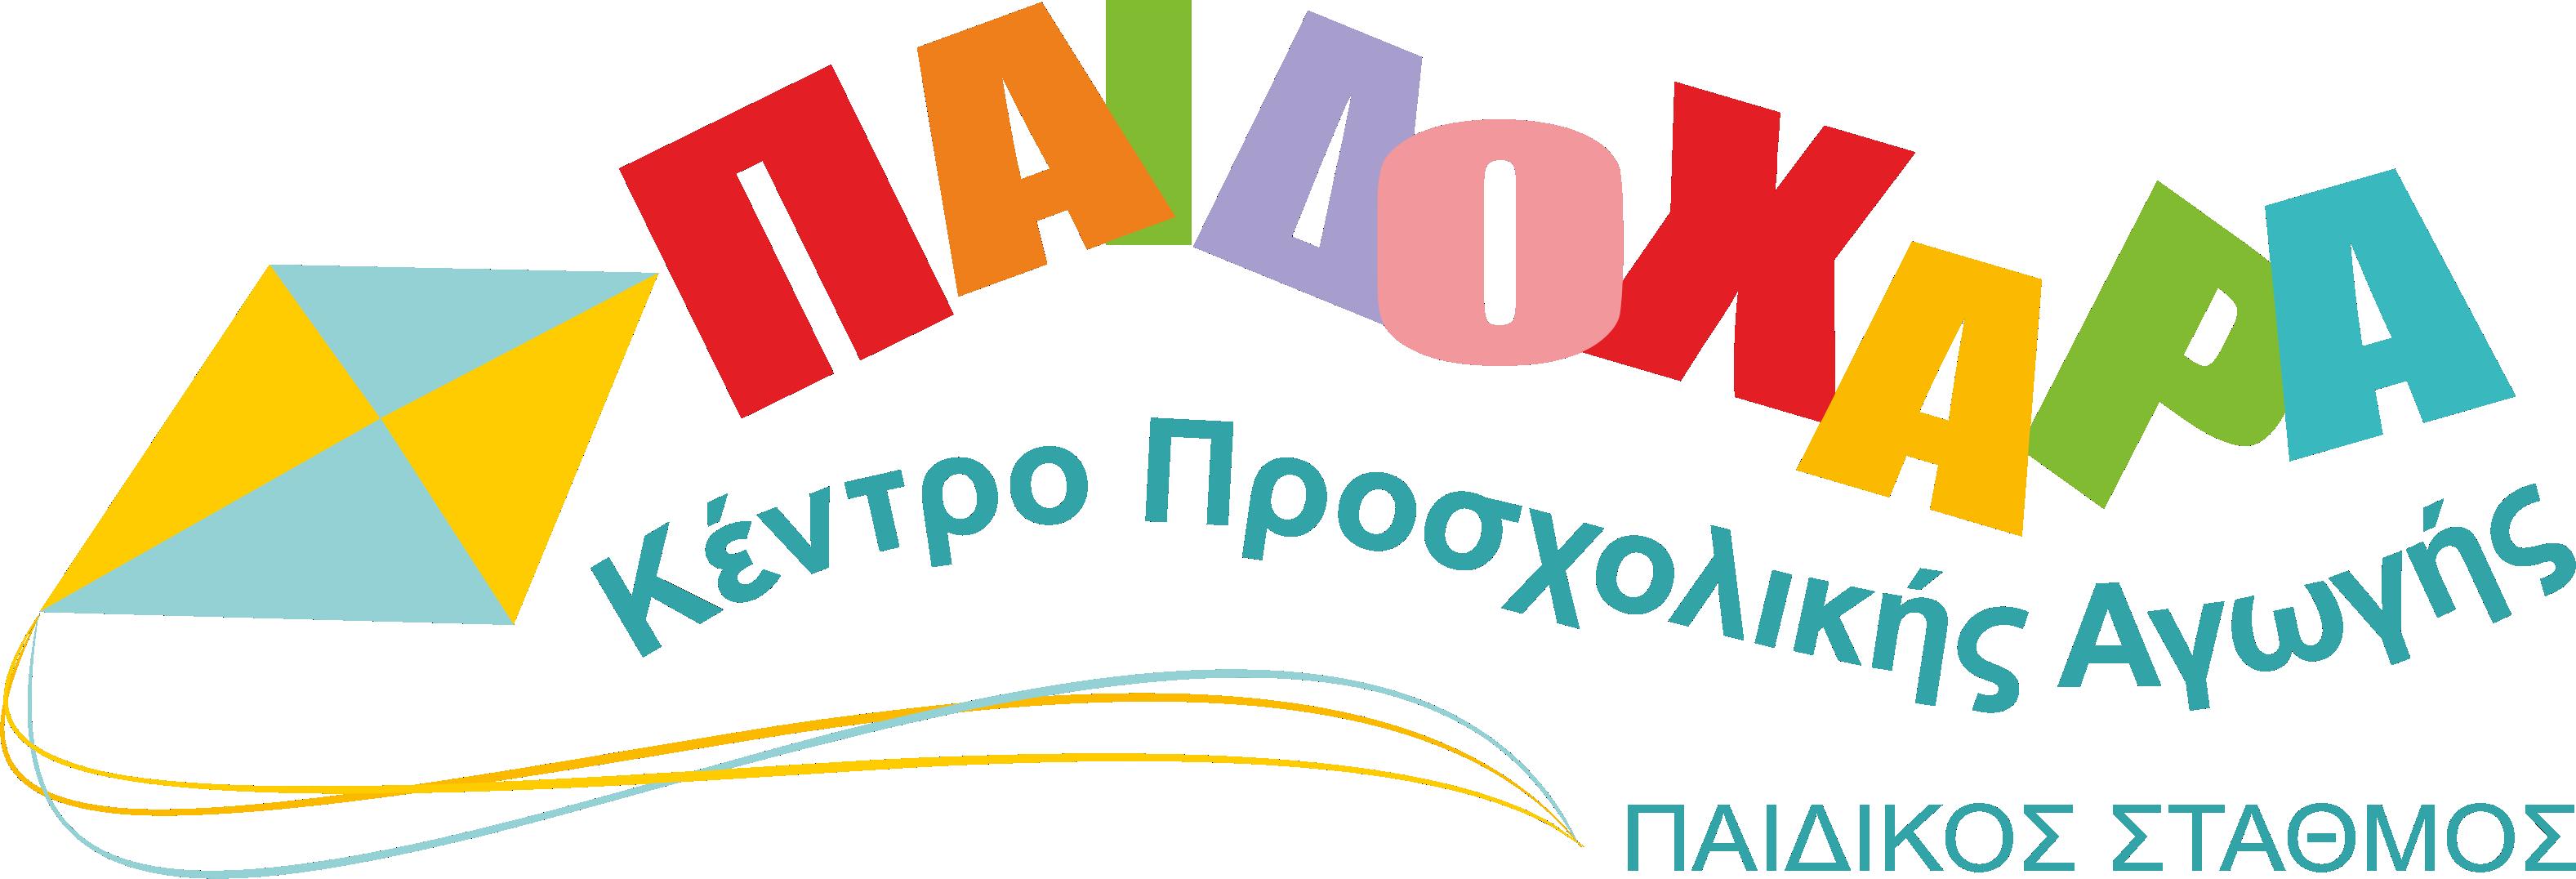 ΠΑΙΔΟΧΑΡΑ - Βρεφονηπιακος Σταθμός